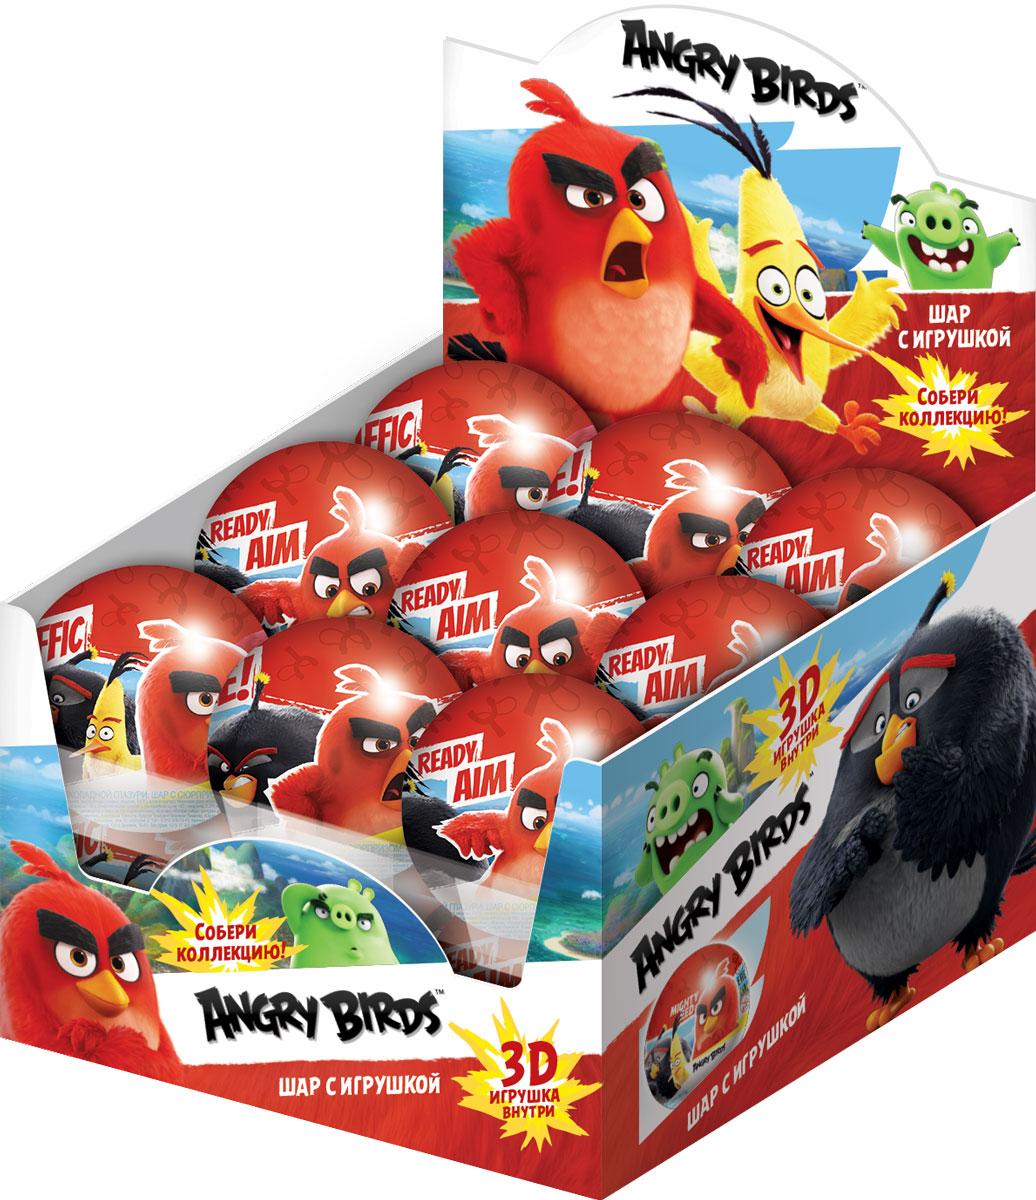 цена на Angry Birds